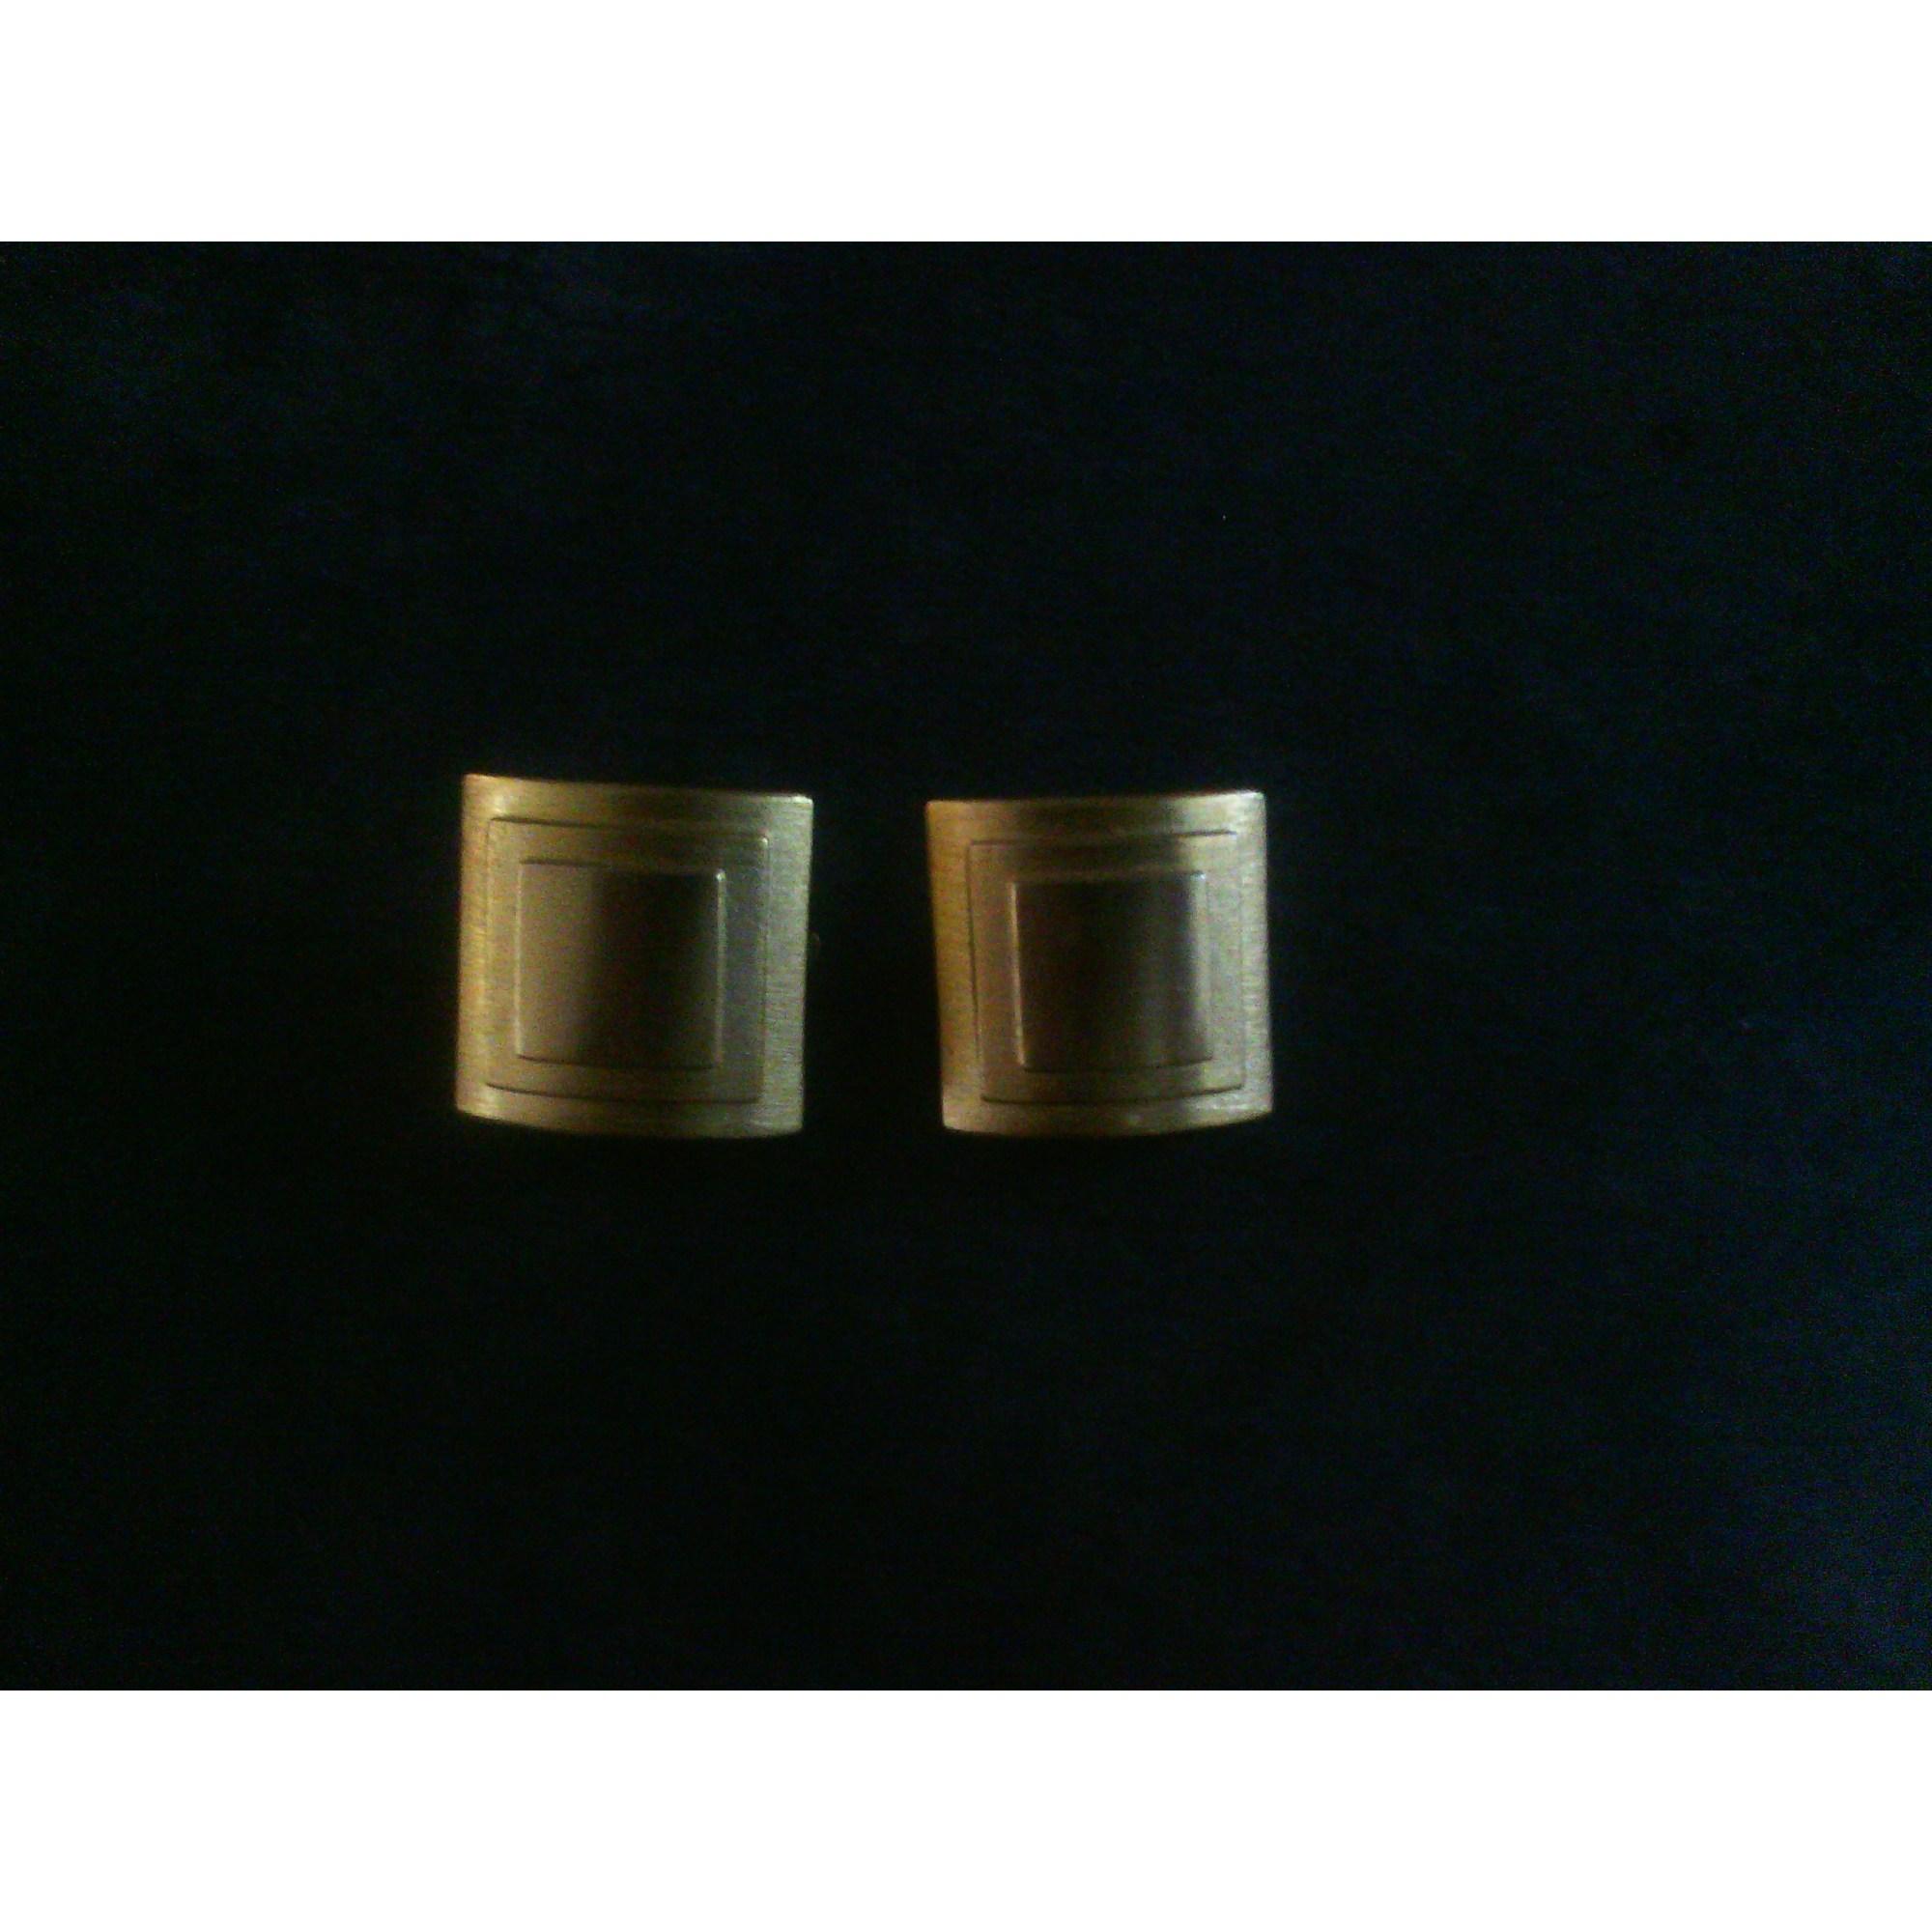 Boucles d'oreille HELENA RUBINSTEIN métal doré